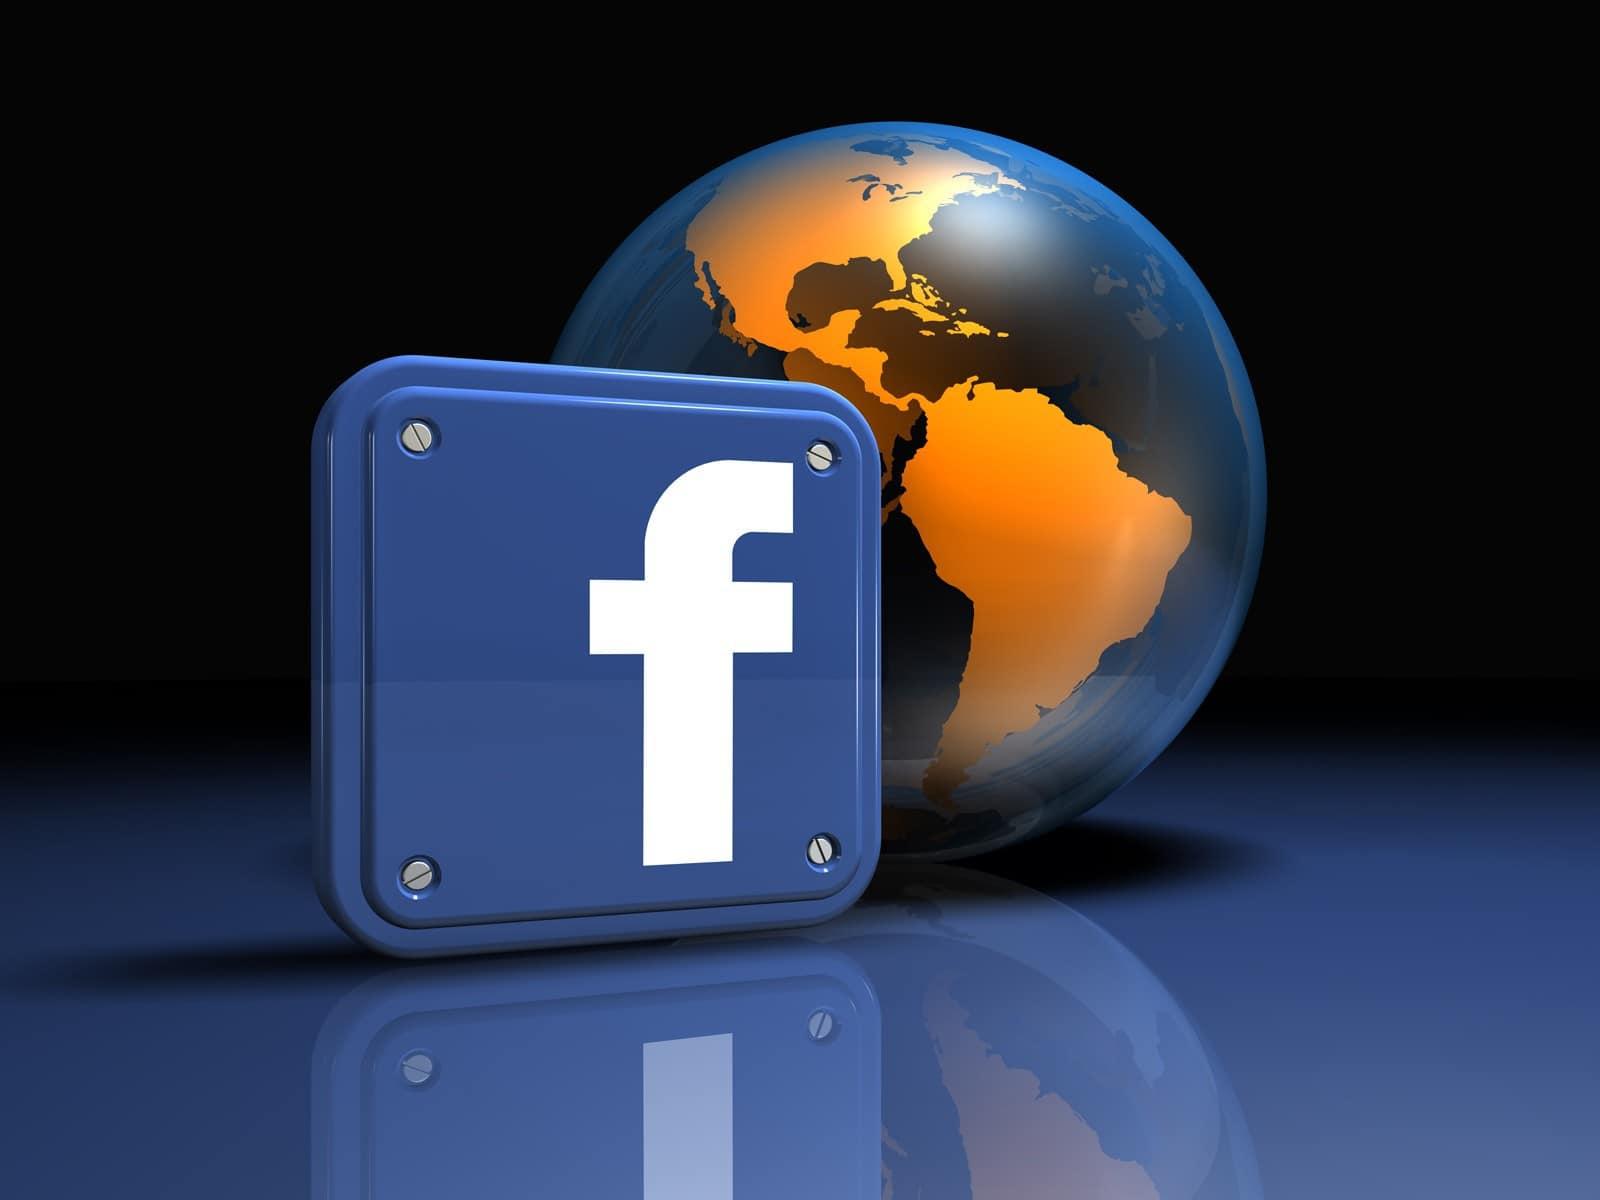 كيفية عمل صفحة على الفيس بوك للمعجبين